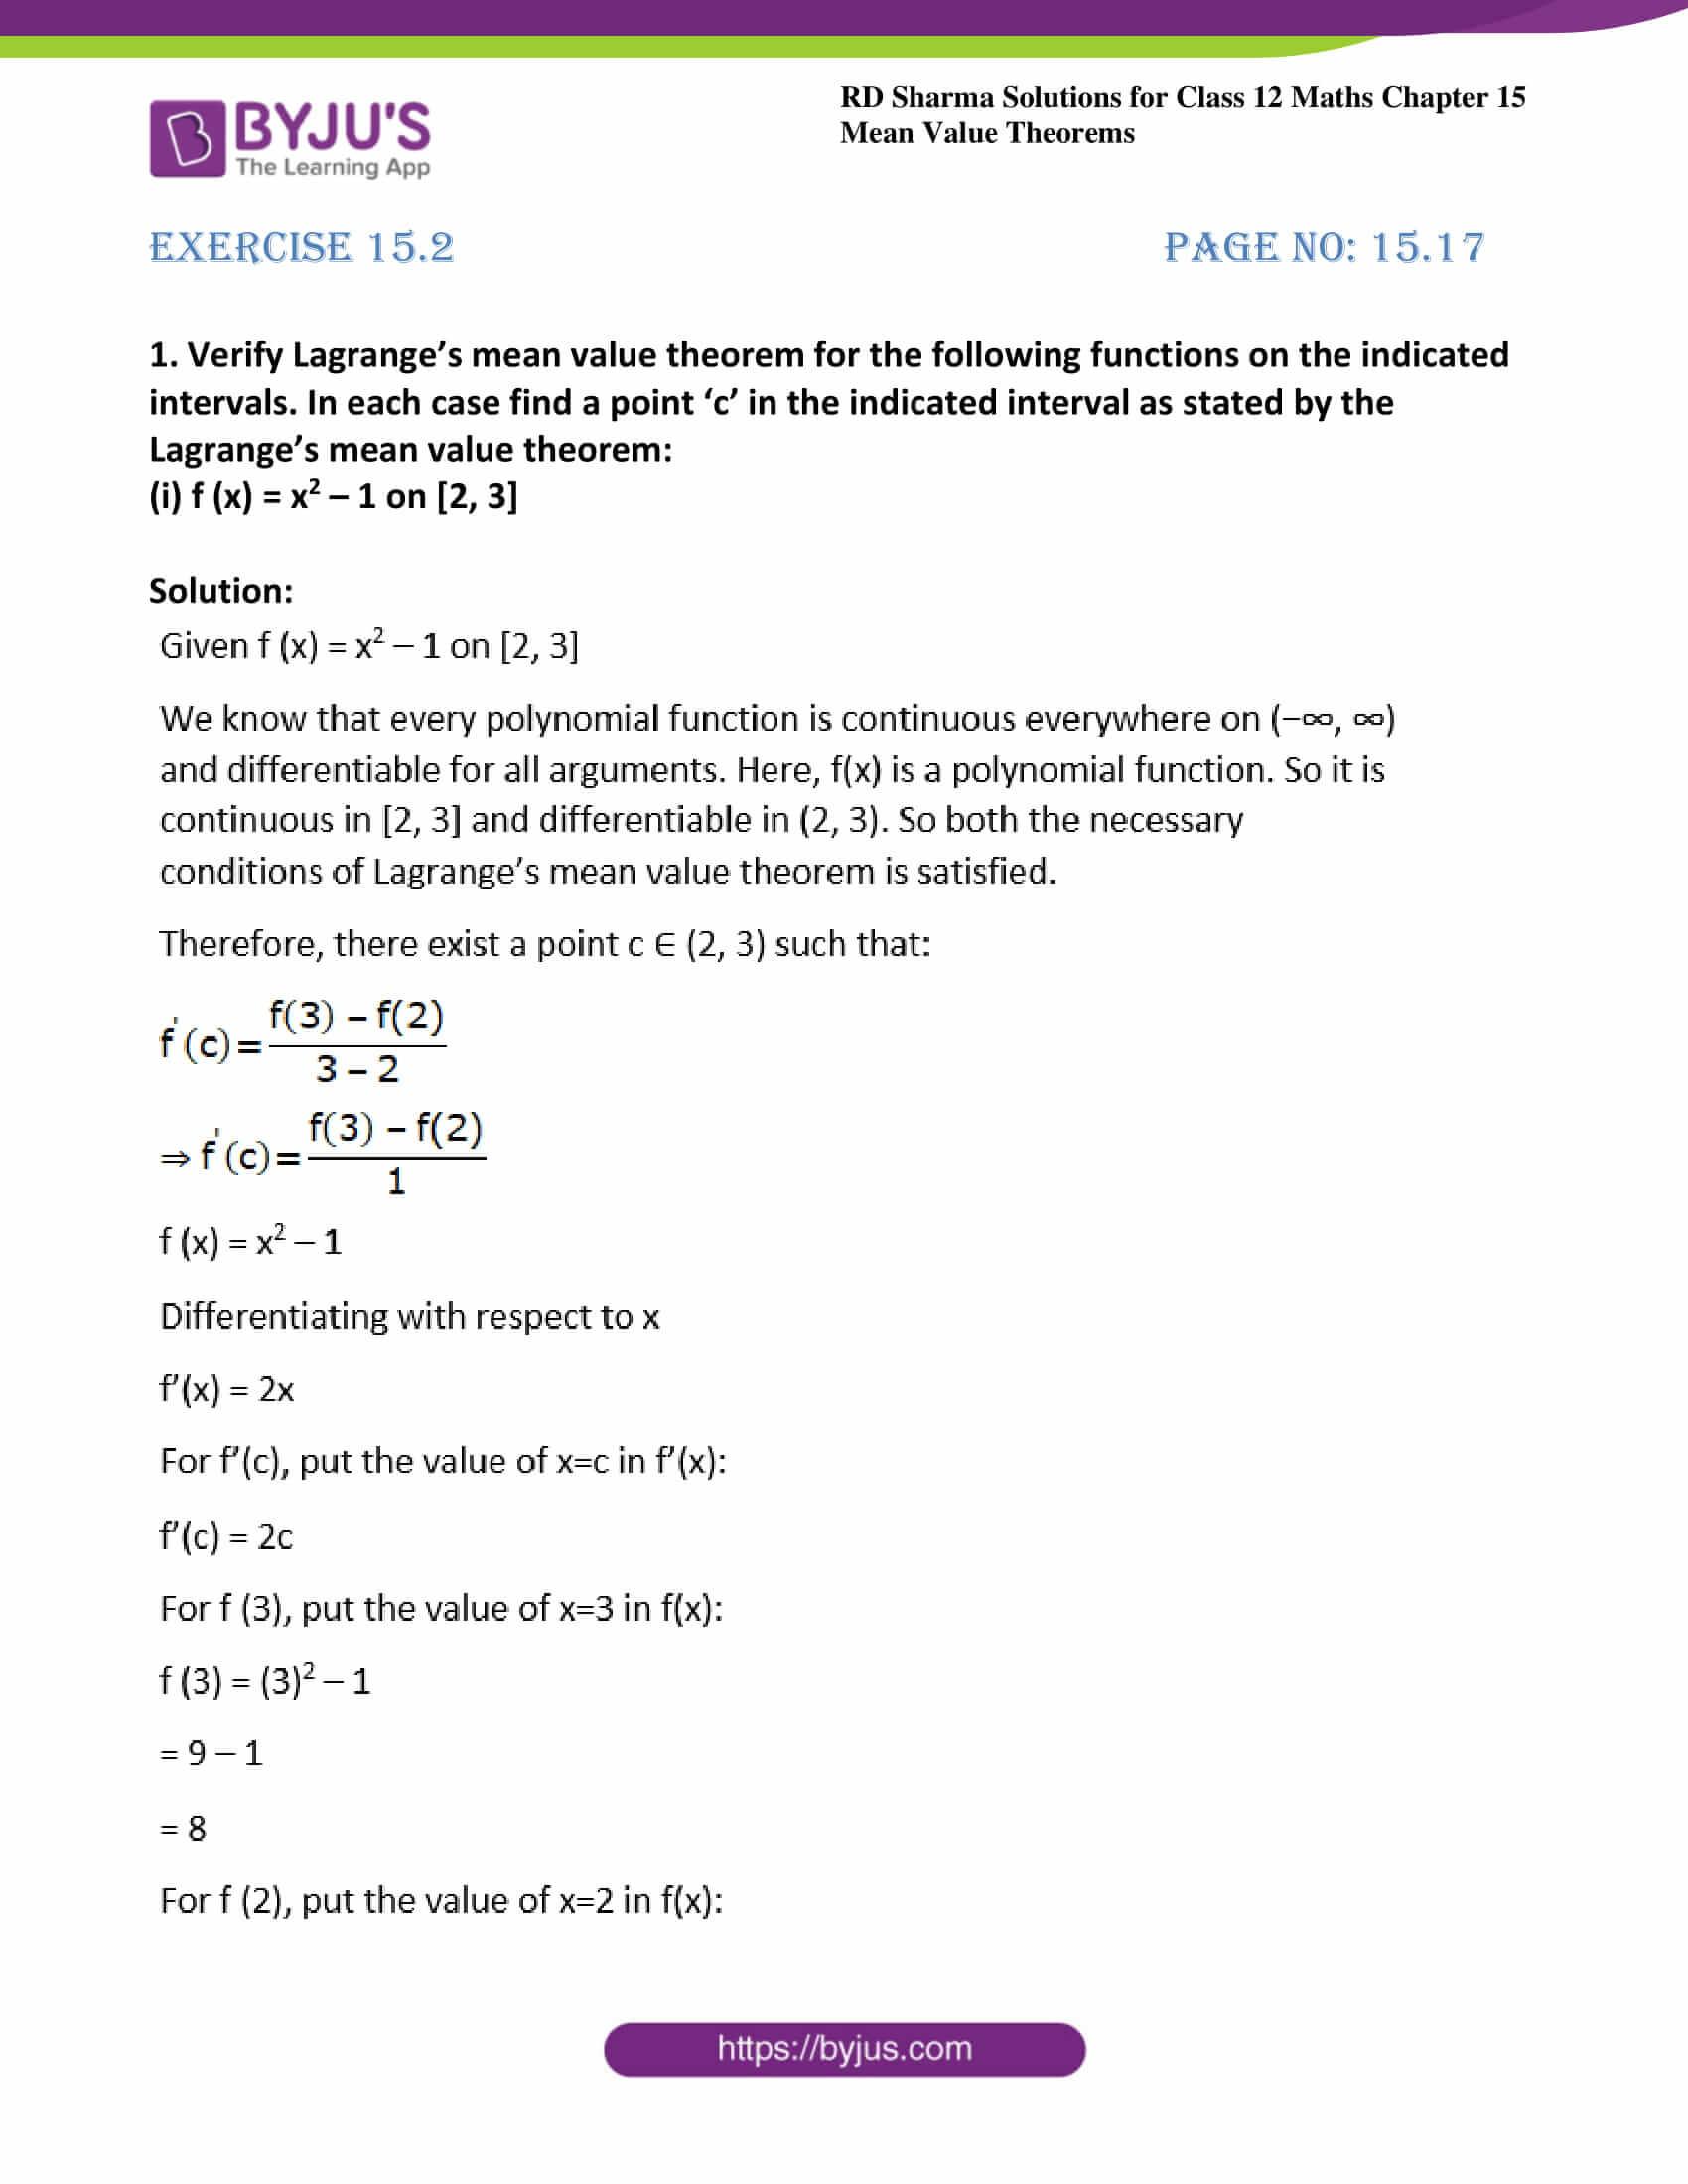 rd sharma class 12 maths solutions chapter 15 ex 2 01